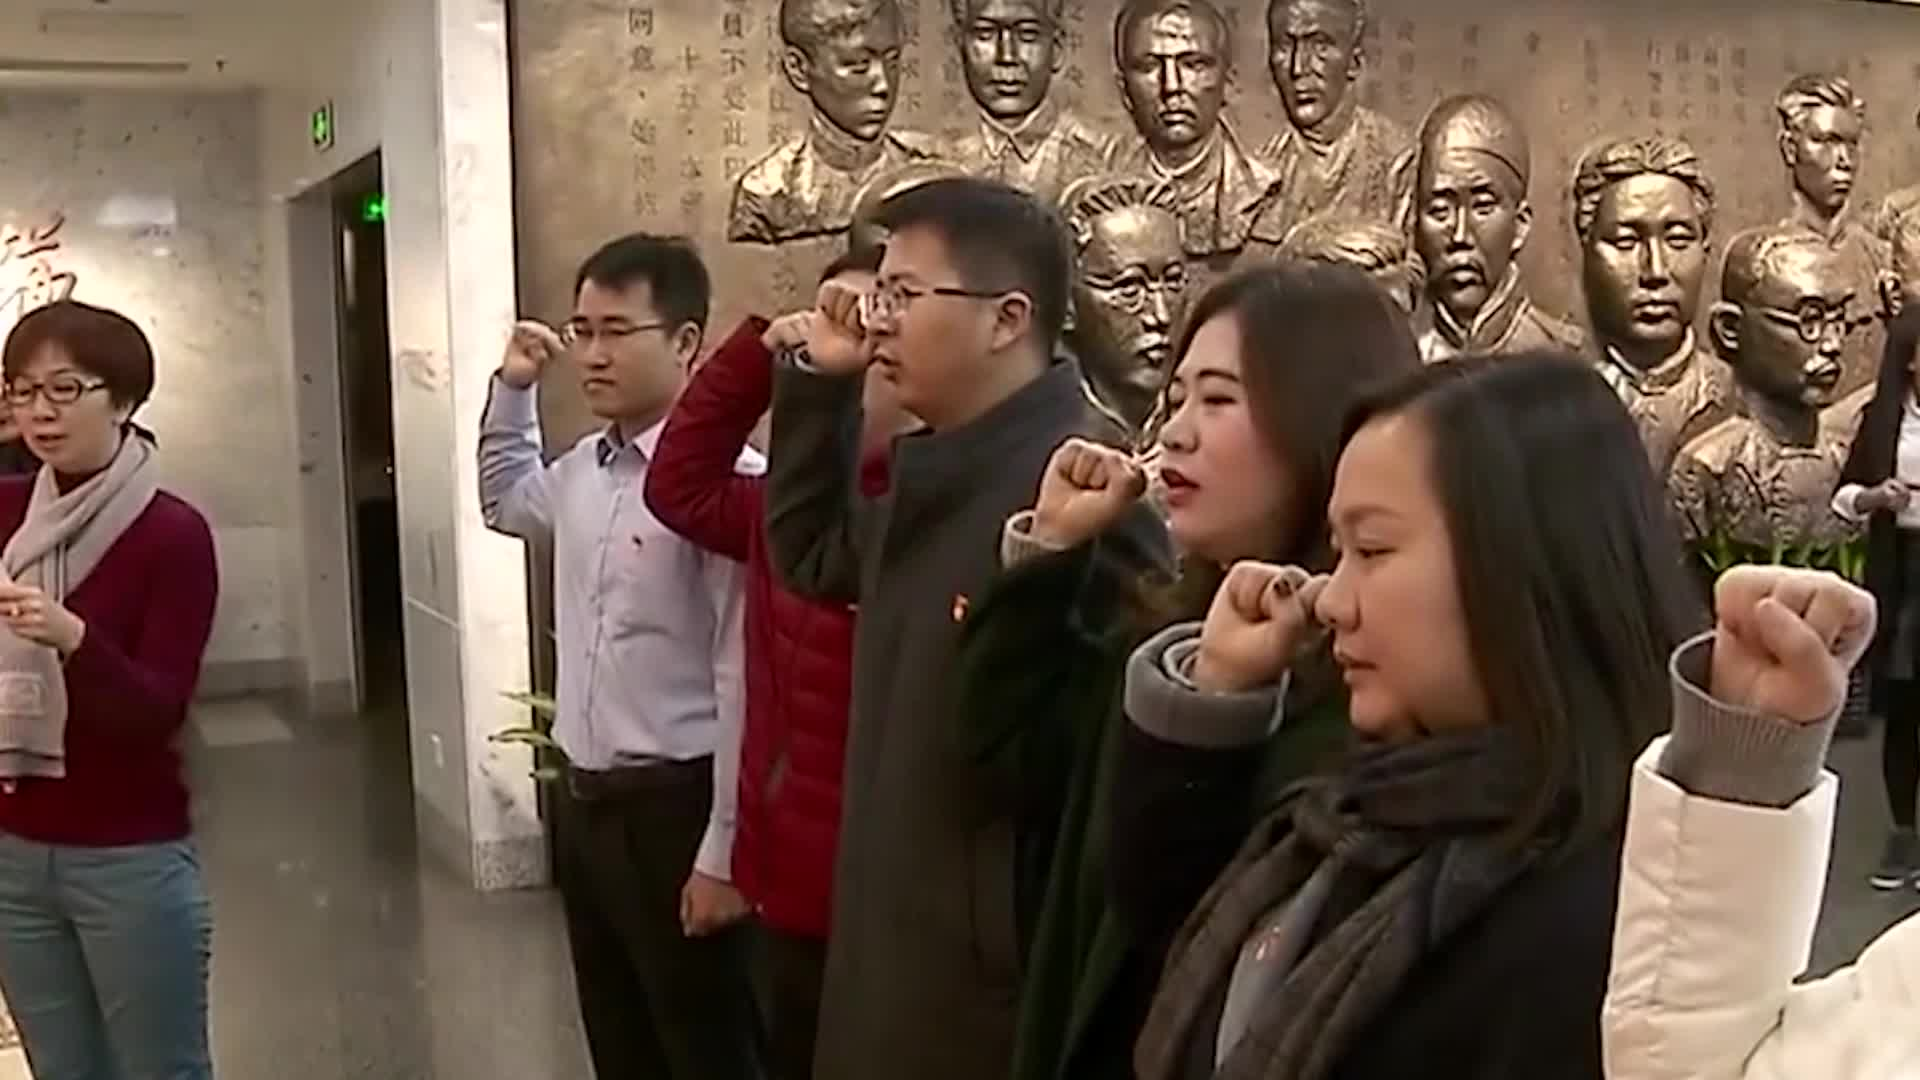 【首届红色短视频大赛短视频类人气奖】《看上海一大会址,不忘建党初心》